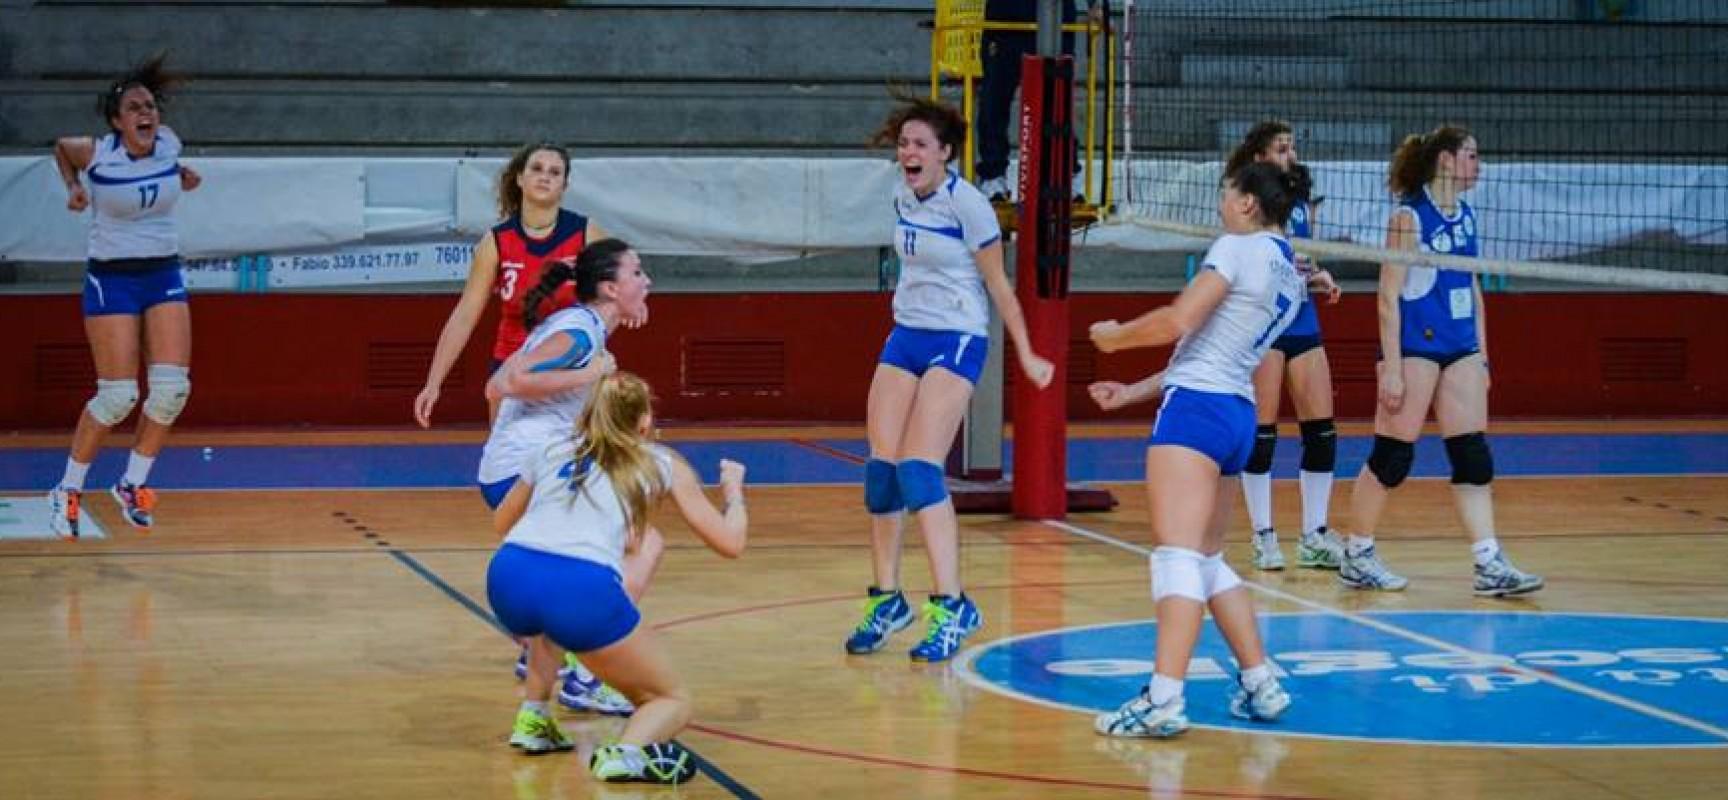 Volley: travolgente Sportilia, 3-1 al Primadonna